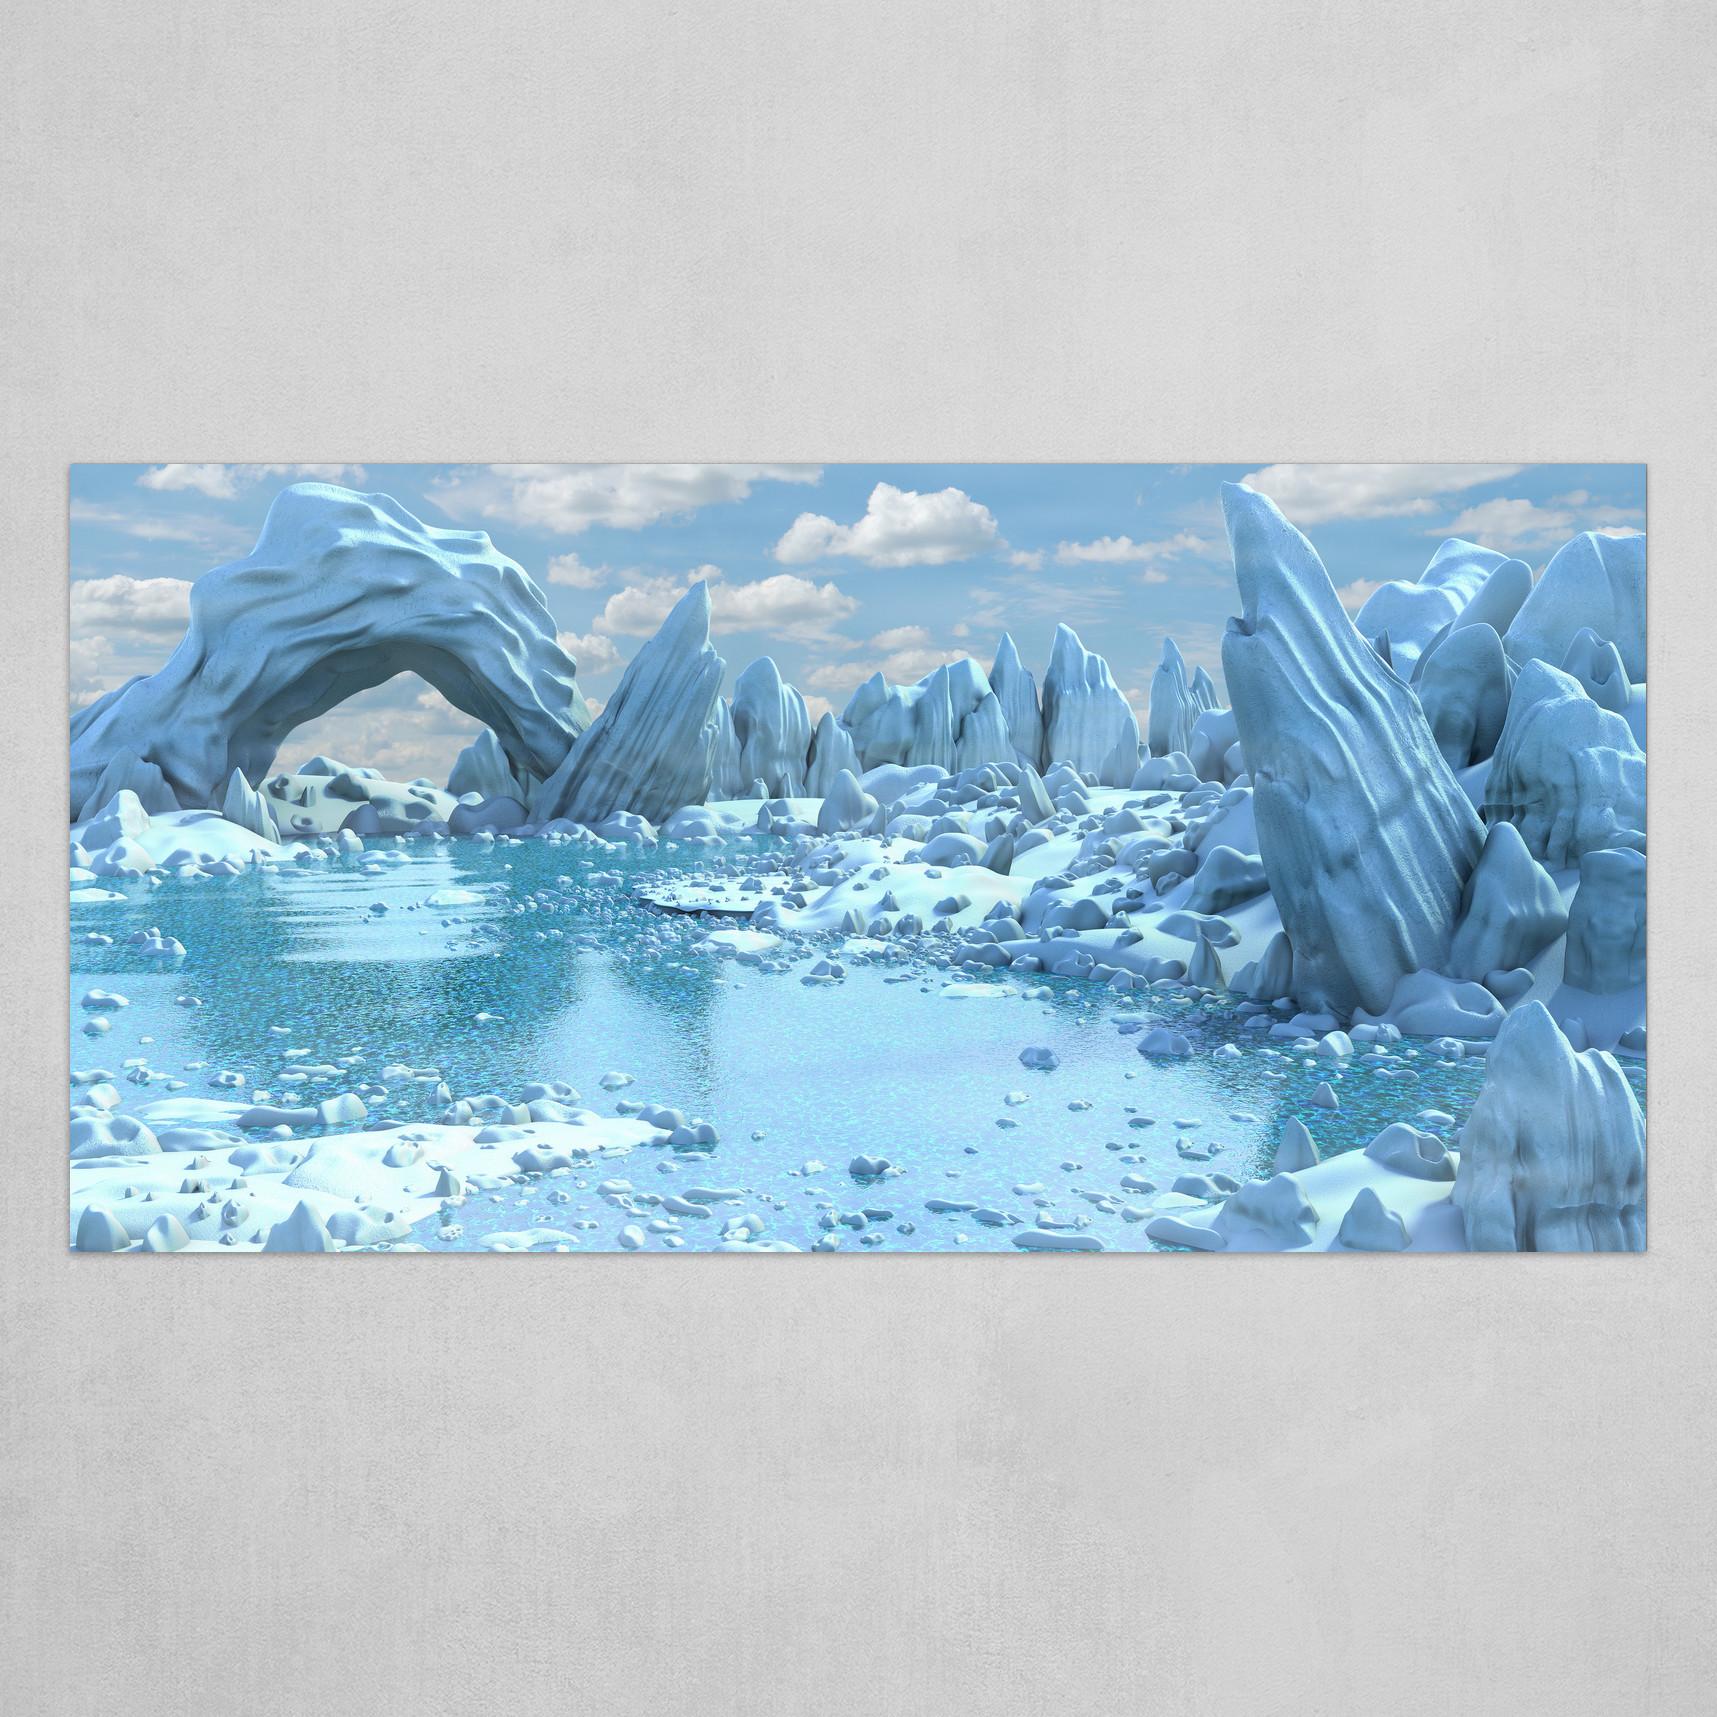 Arctic Landscape 2